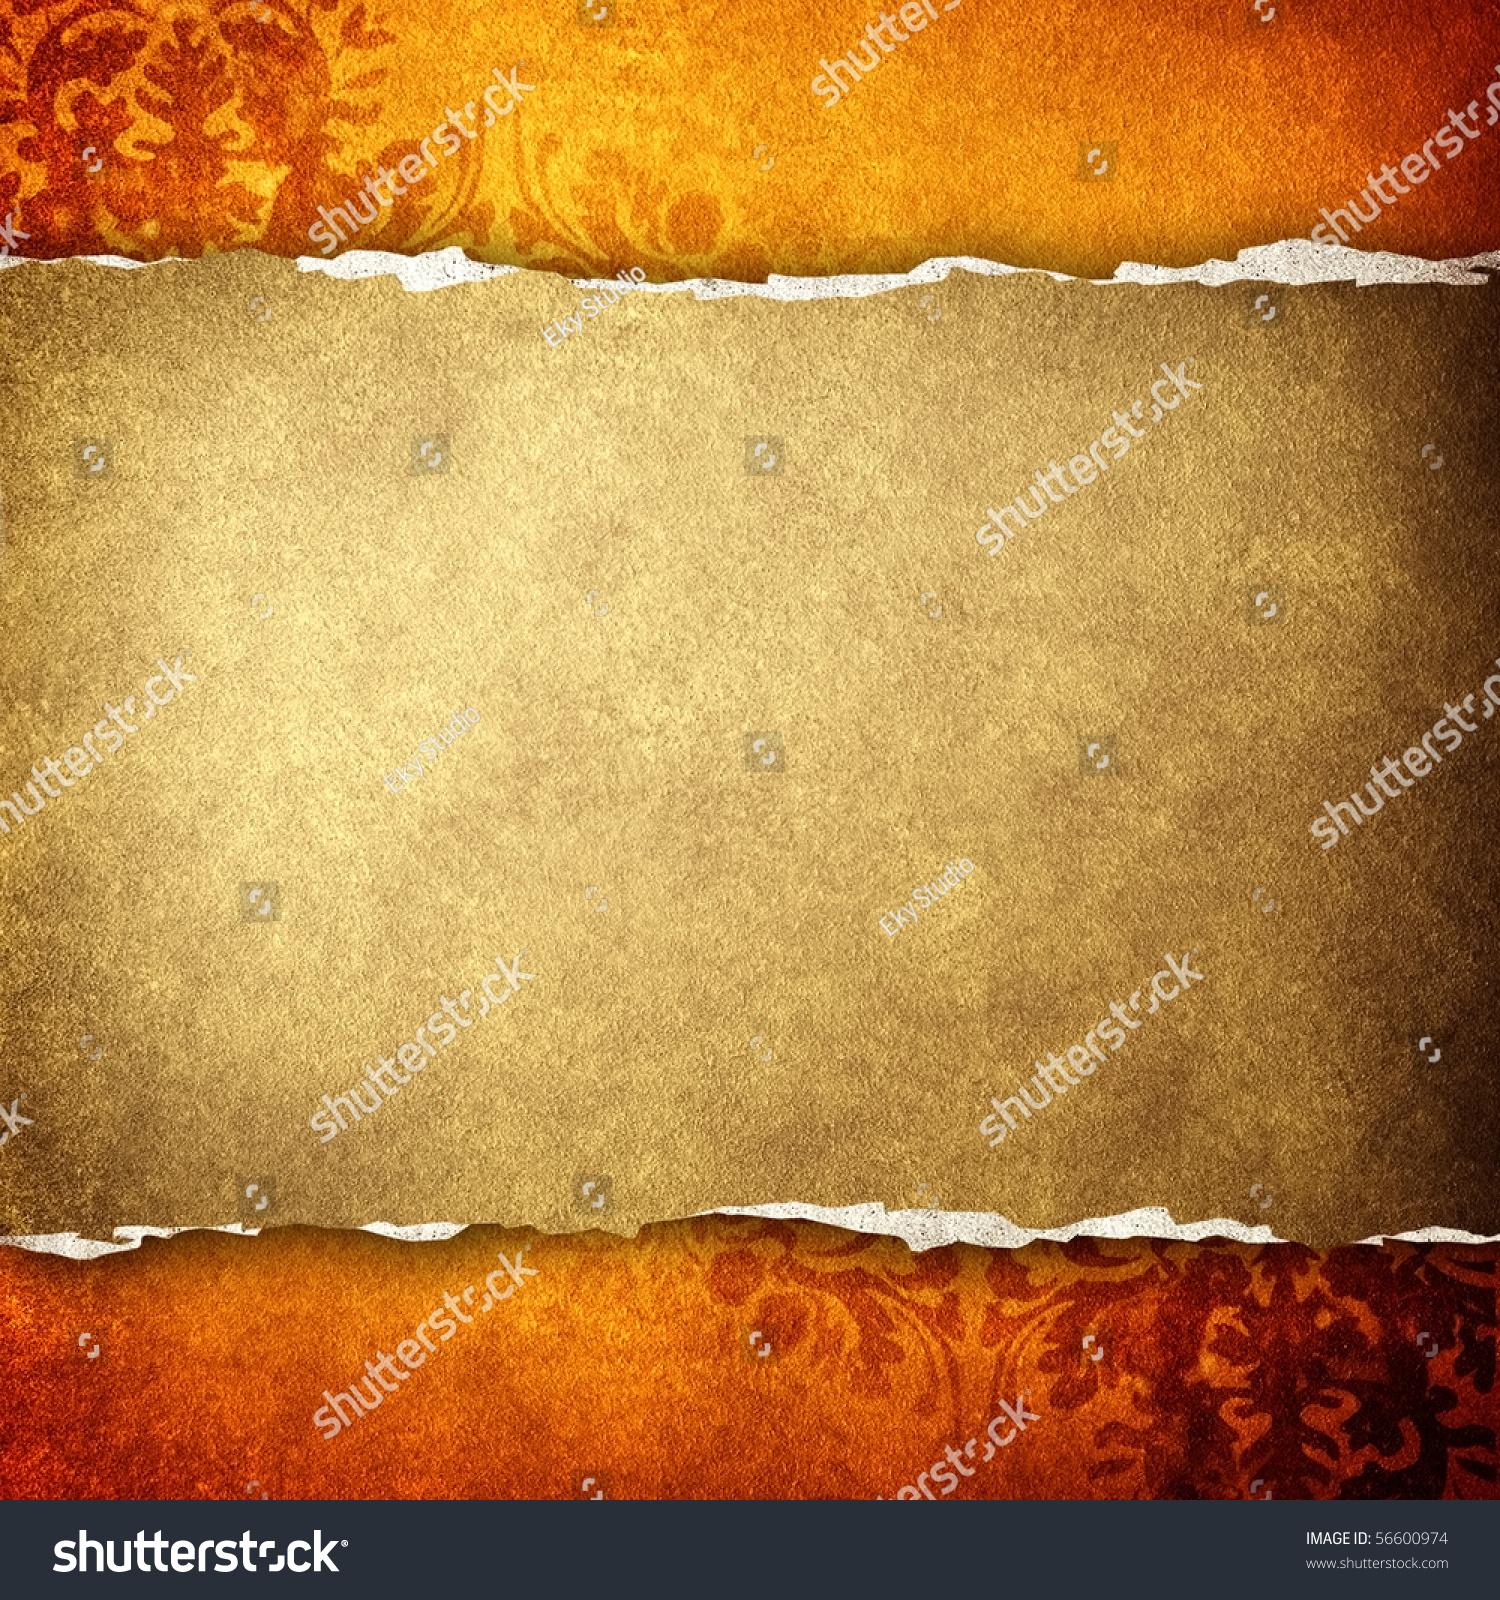 Vintage Banner Background Stock Illustration 56600974 - Shutterstock